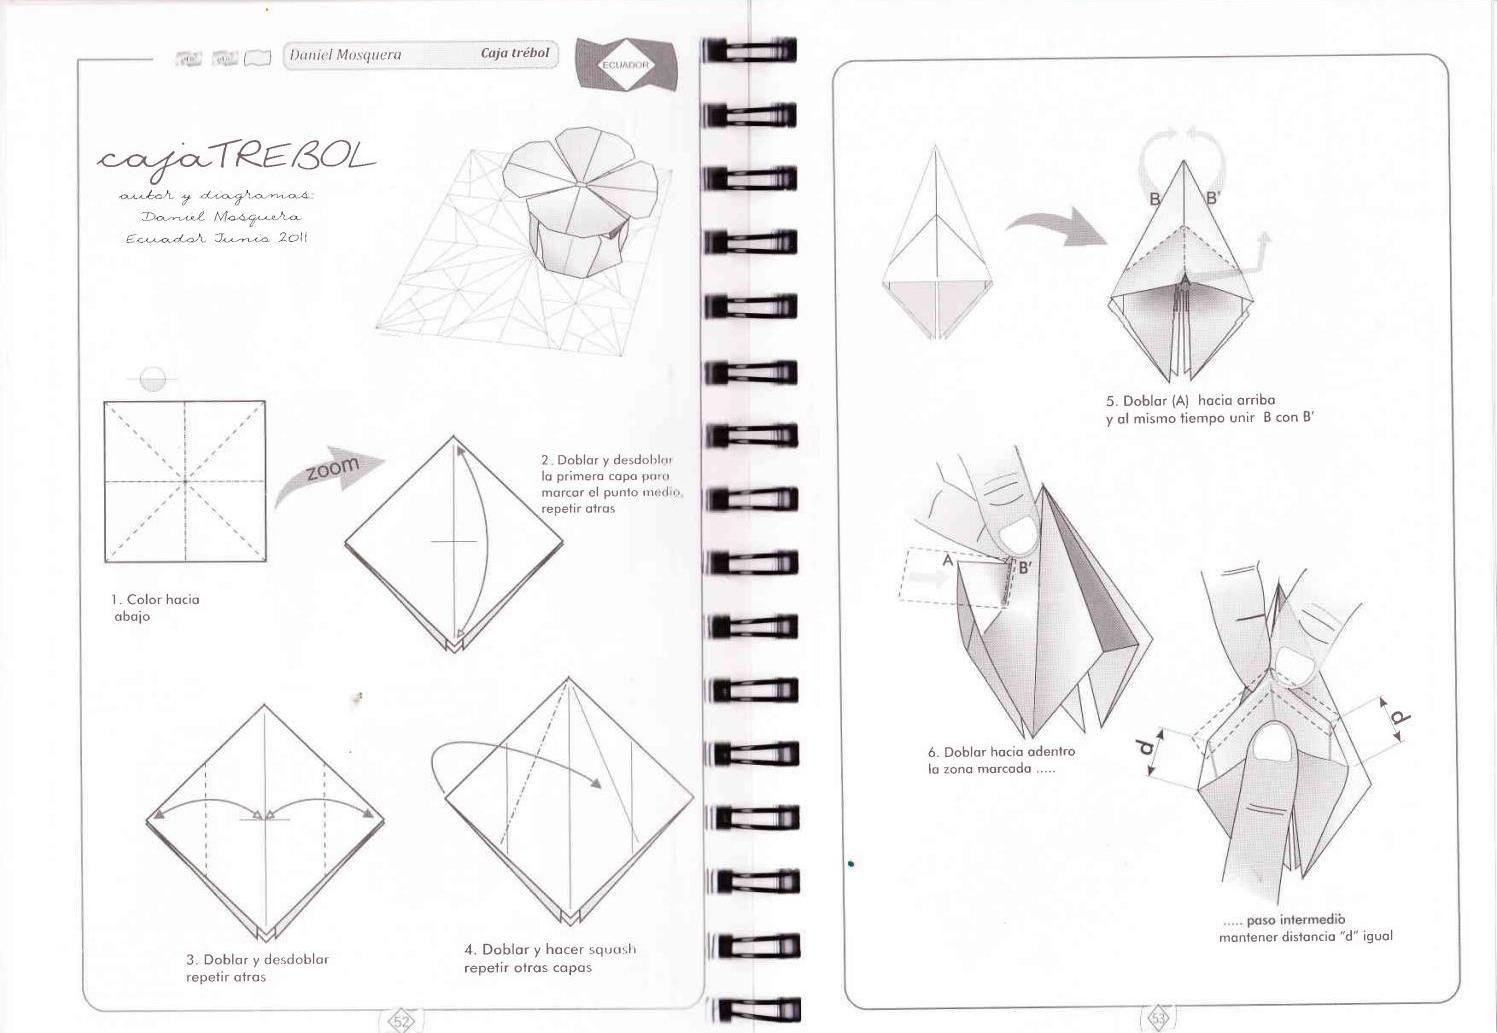 convencion origami ecuador 2011